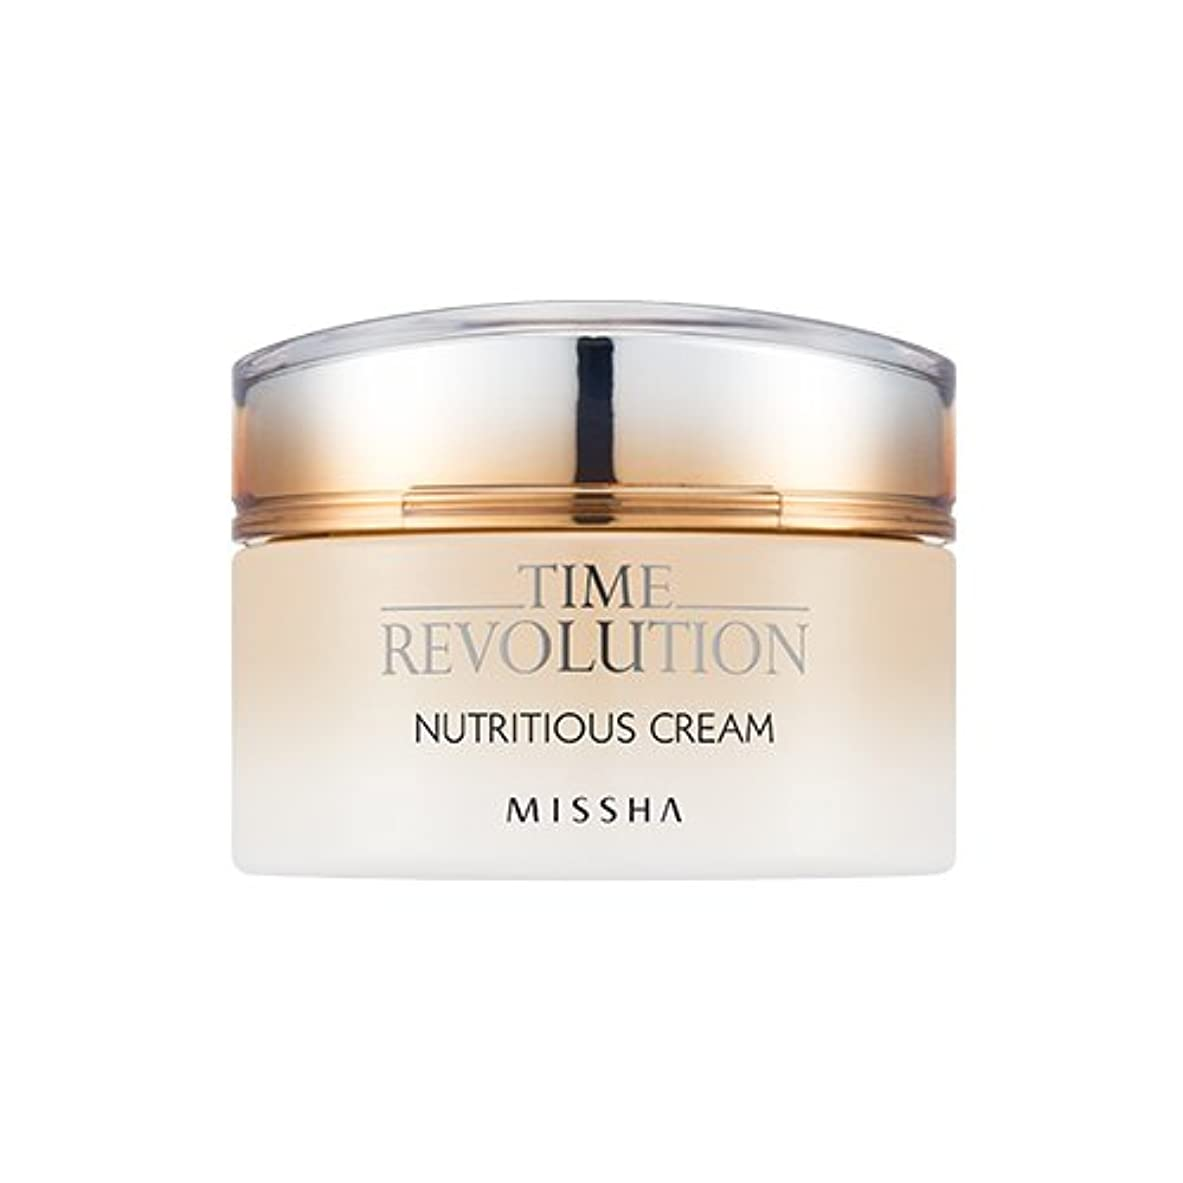 顎ハイブリッド入口[New] MISSHA Time Revolution Nutritious Cream 50ml/ミシャ タイム レボリューション ニュートリシャス クリーム 50ml [並行輸入品]